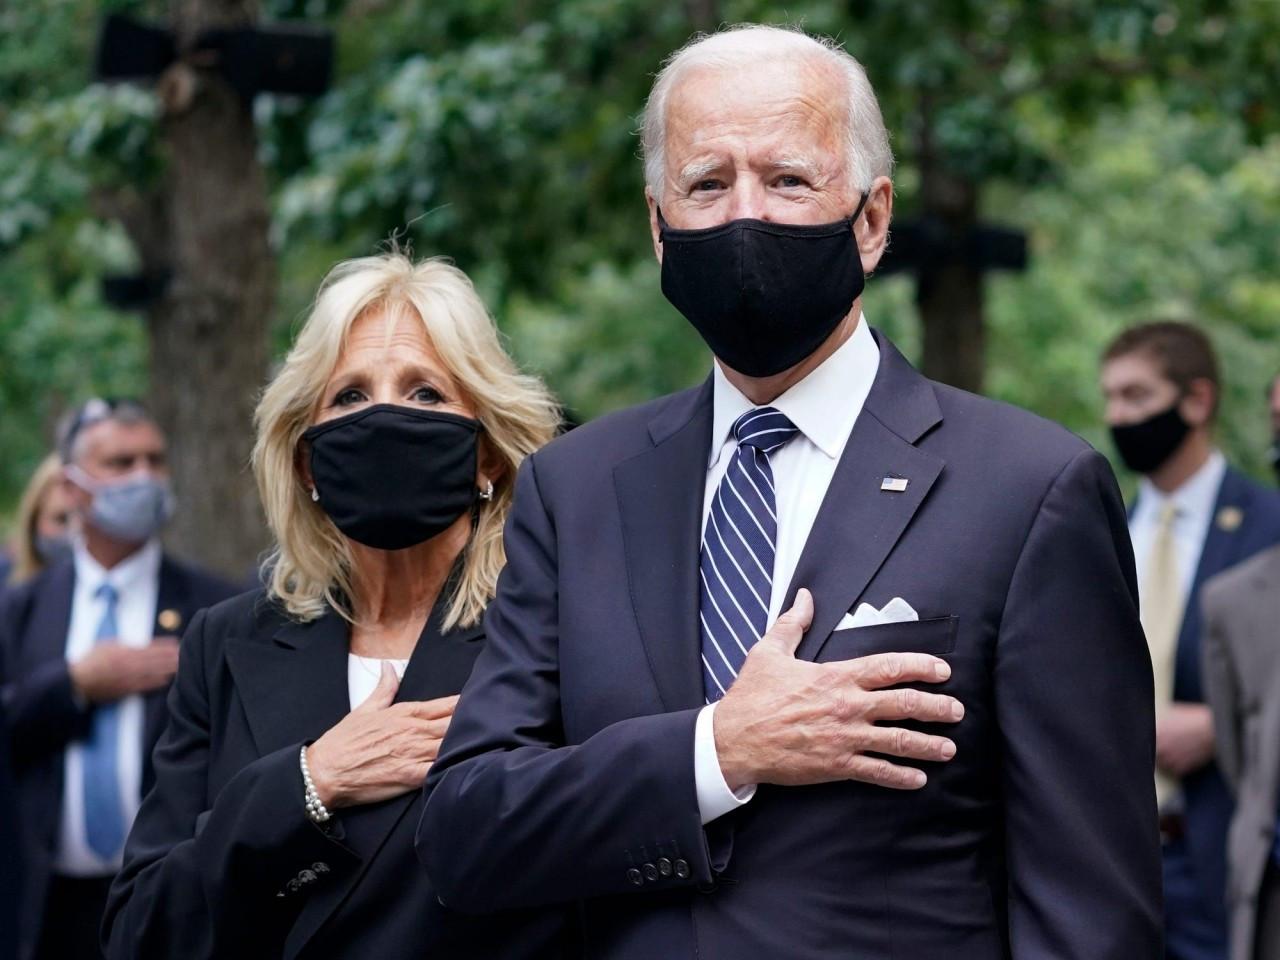 20 năm sau sự kiện 11/9, Tổng thống Mỹ Joe Biden gửi thông điệp kêu gọi đoàn kết dân tộc